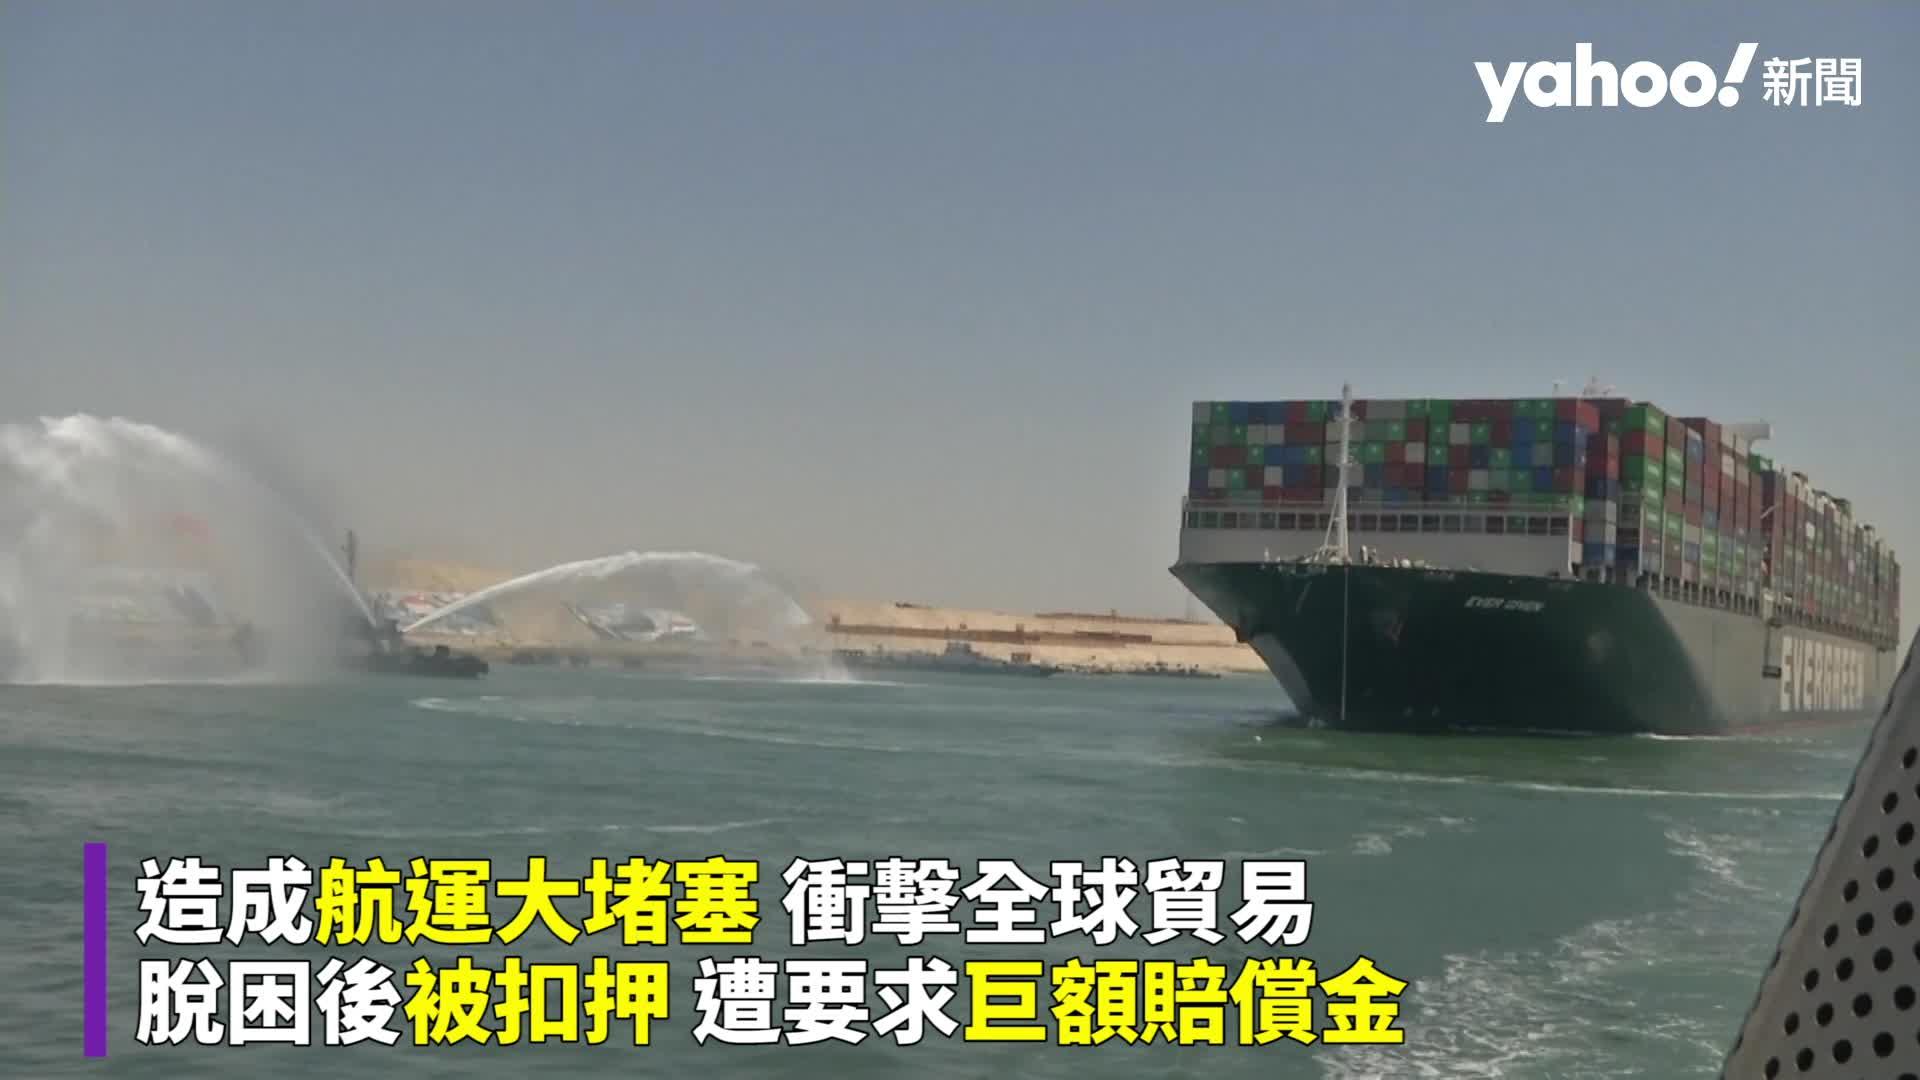 長賜號困蘇伊士運河106天重新啟航 賠償金成謎